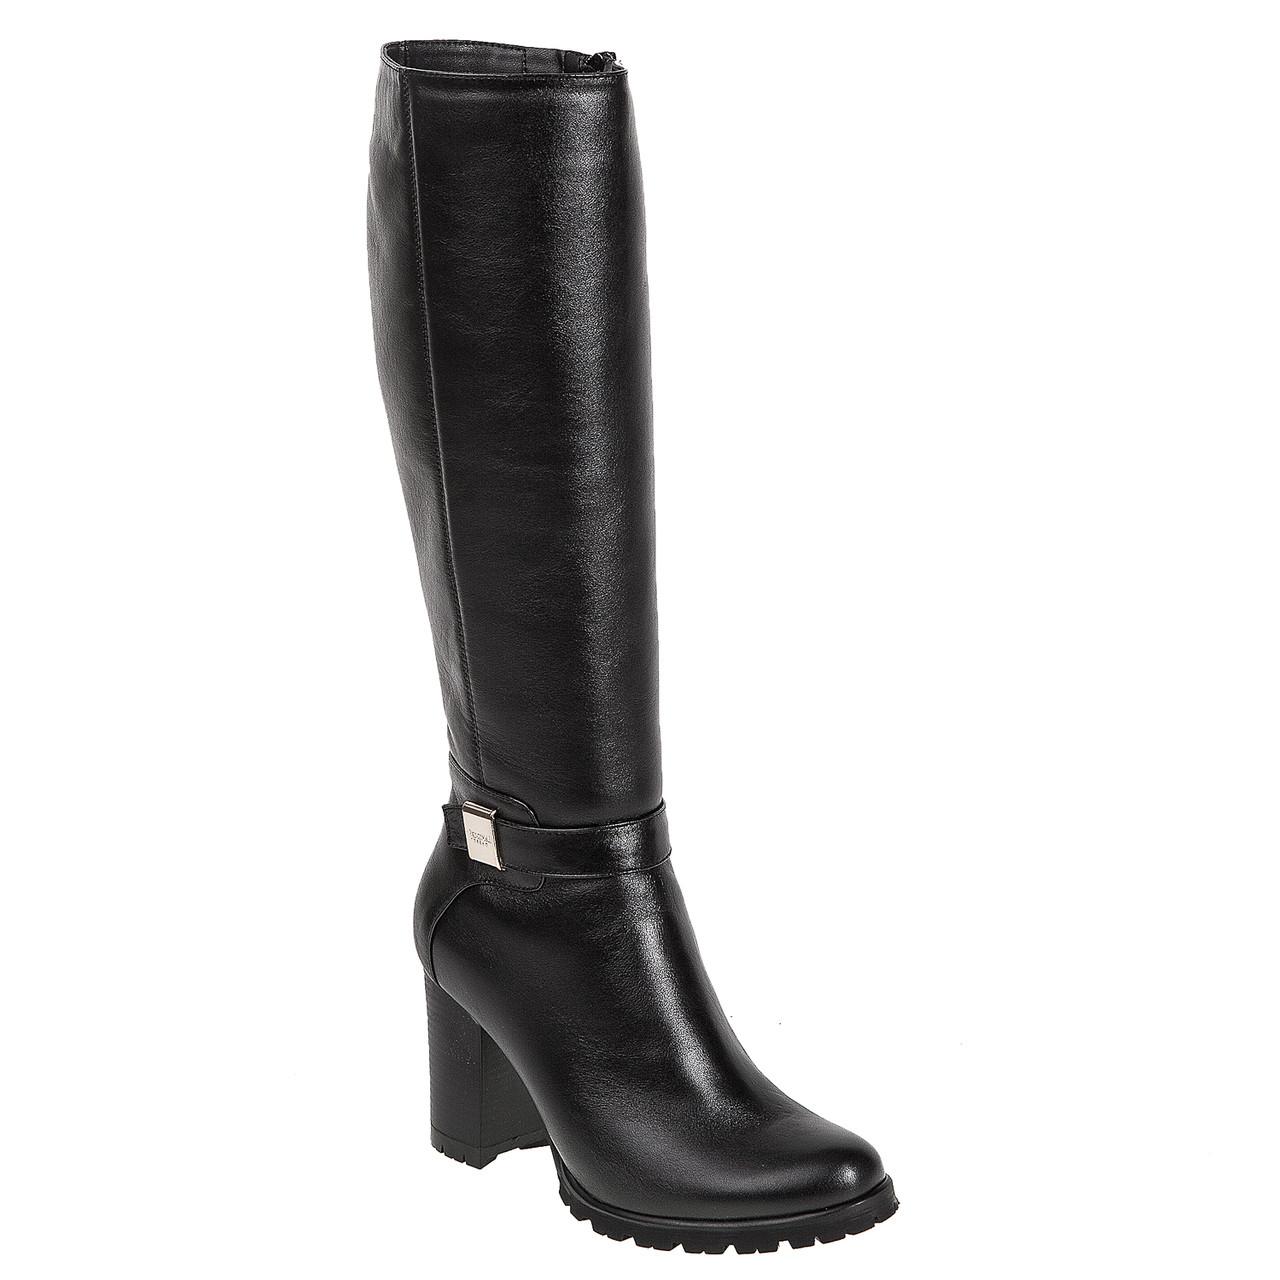 Сапоги женские Alamo (черные, кожаные, стильные, удобные, на каблуке)